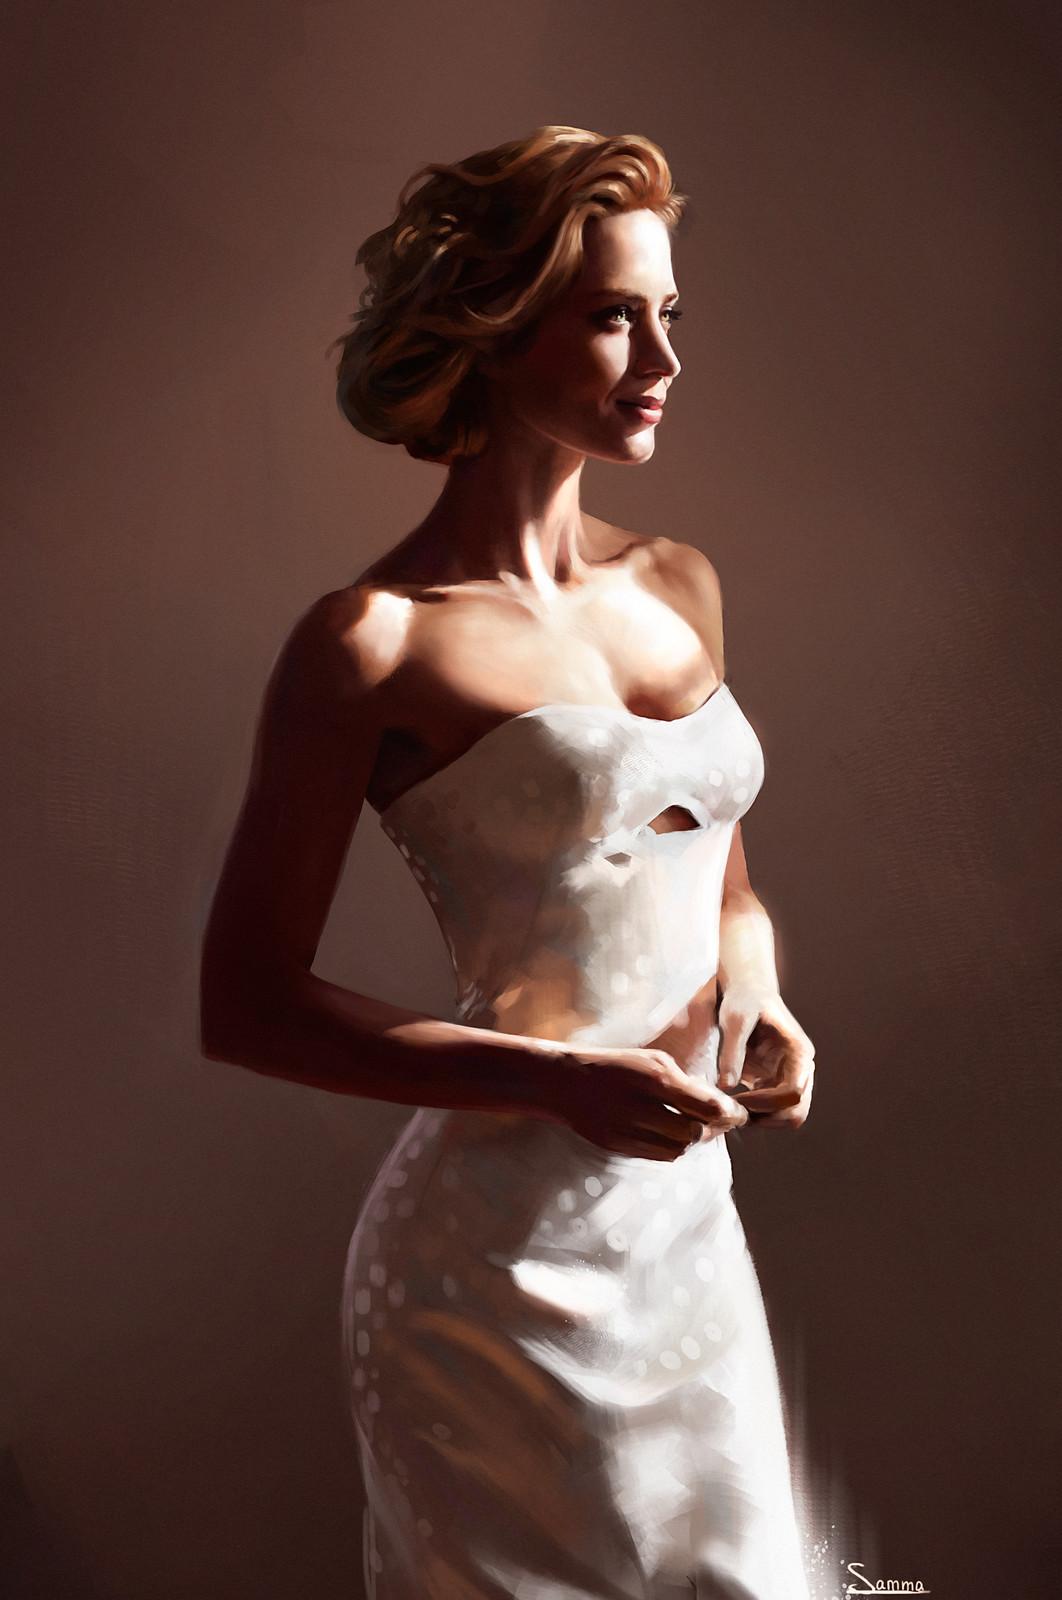 Emily Blunt portrait